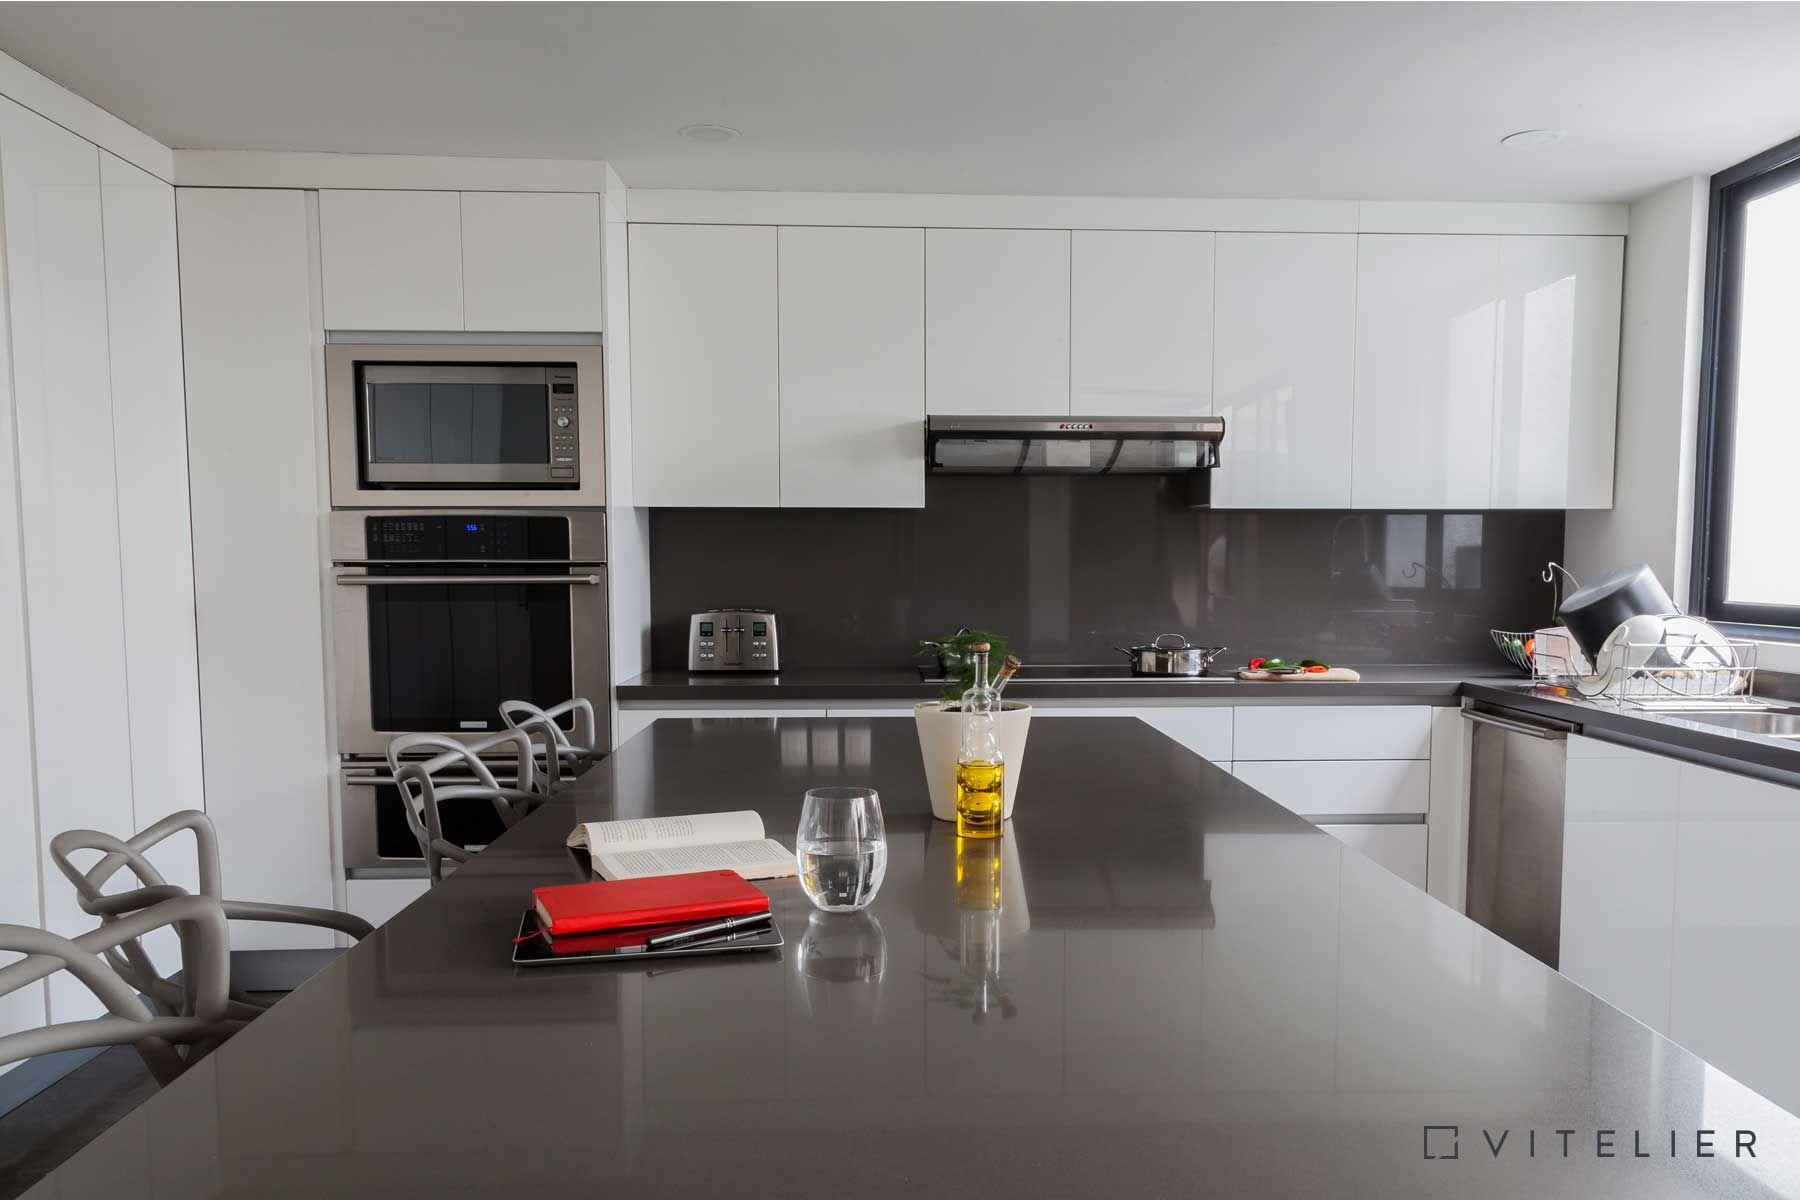 Cocina Blanca Con Cubierta De Cuarzo Gris Para Lograr Un Ambiente  ~ Cocinas Modernas Blancas Y Grises